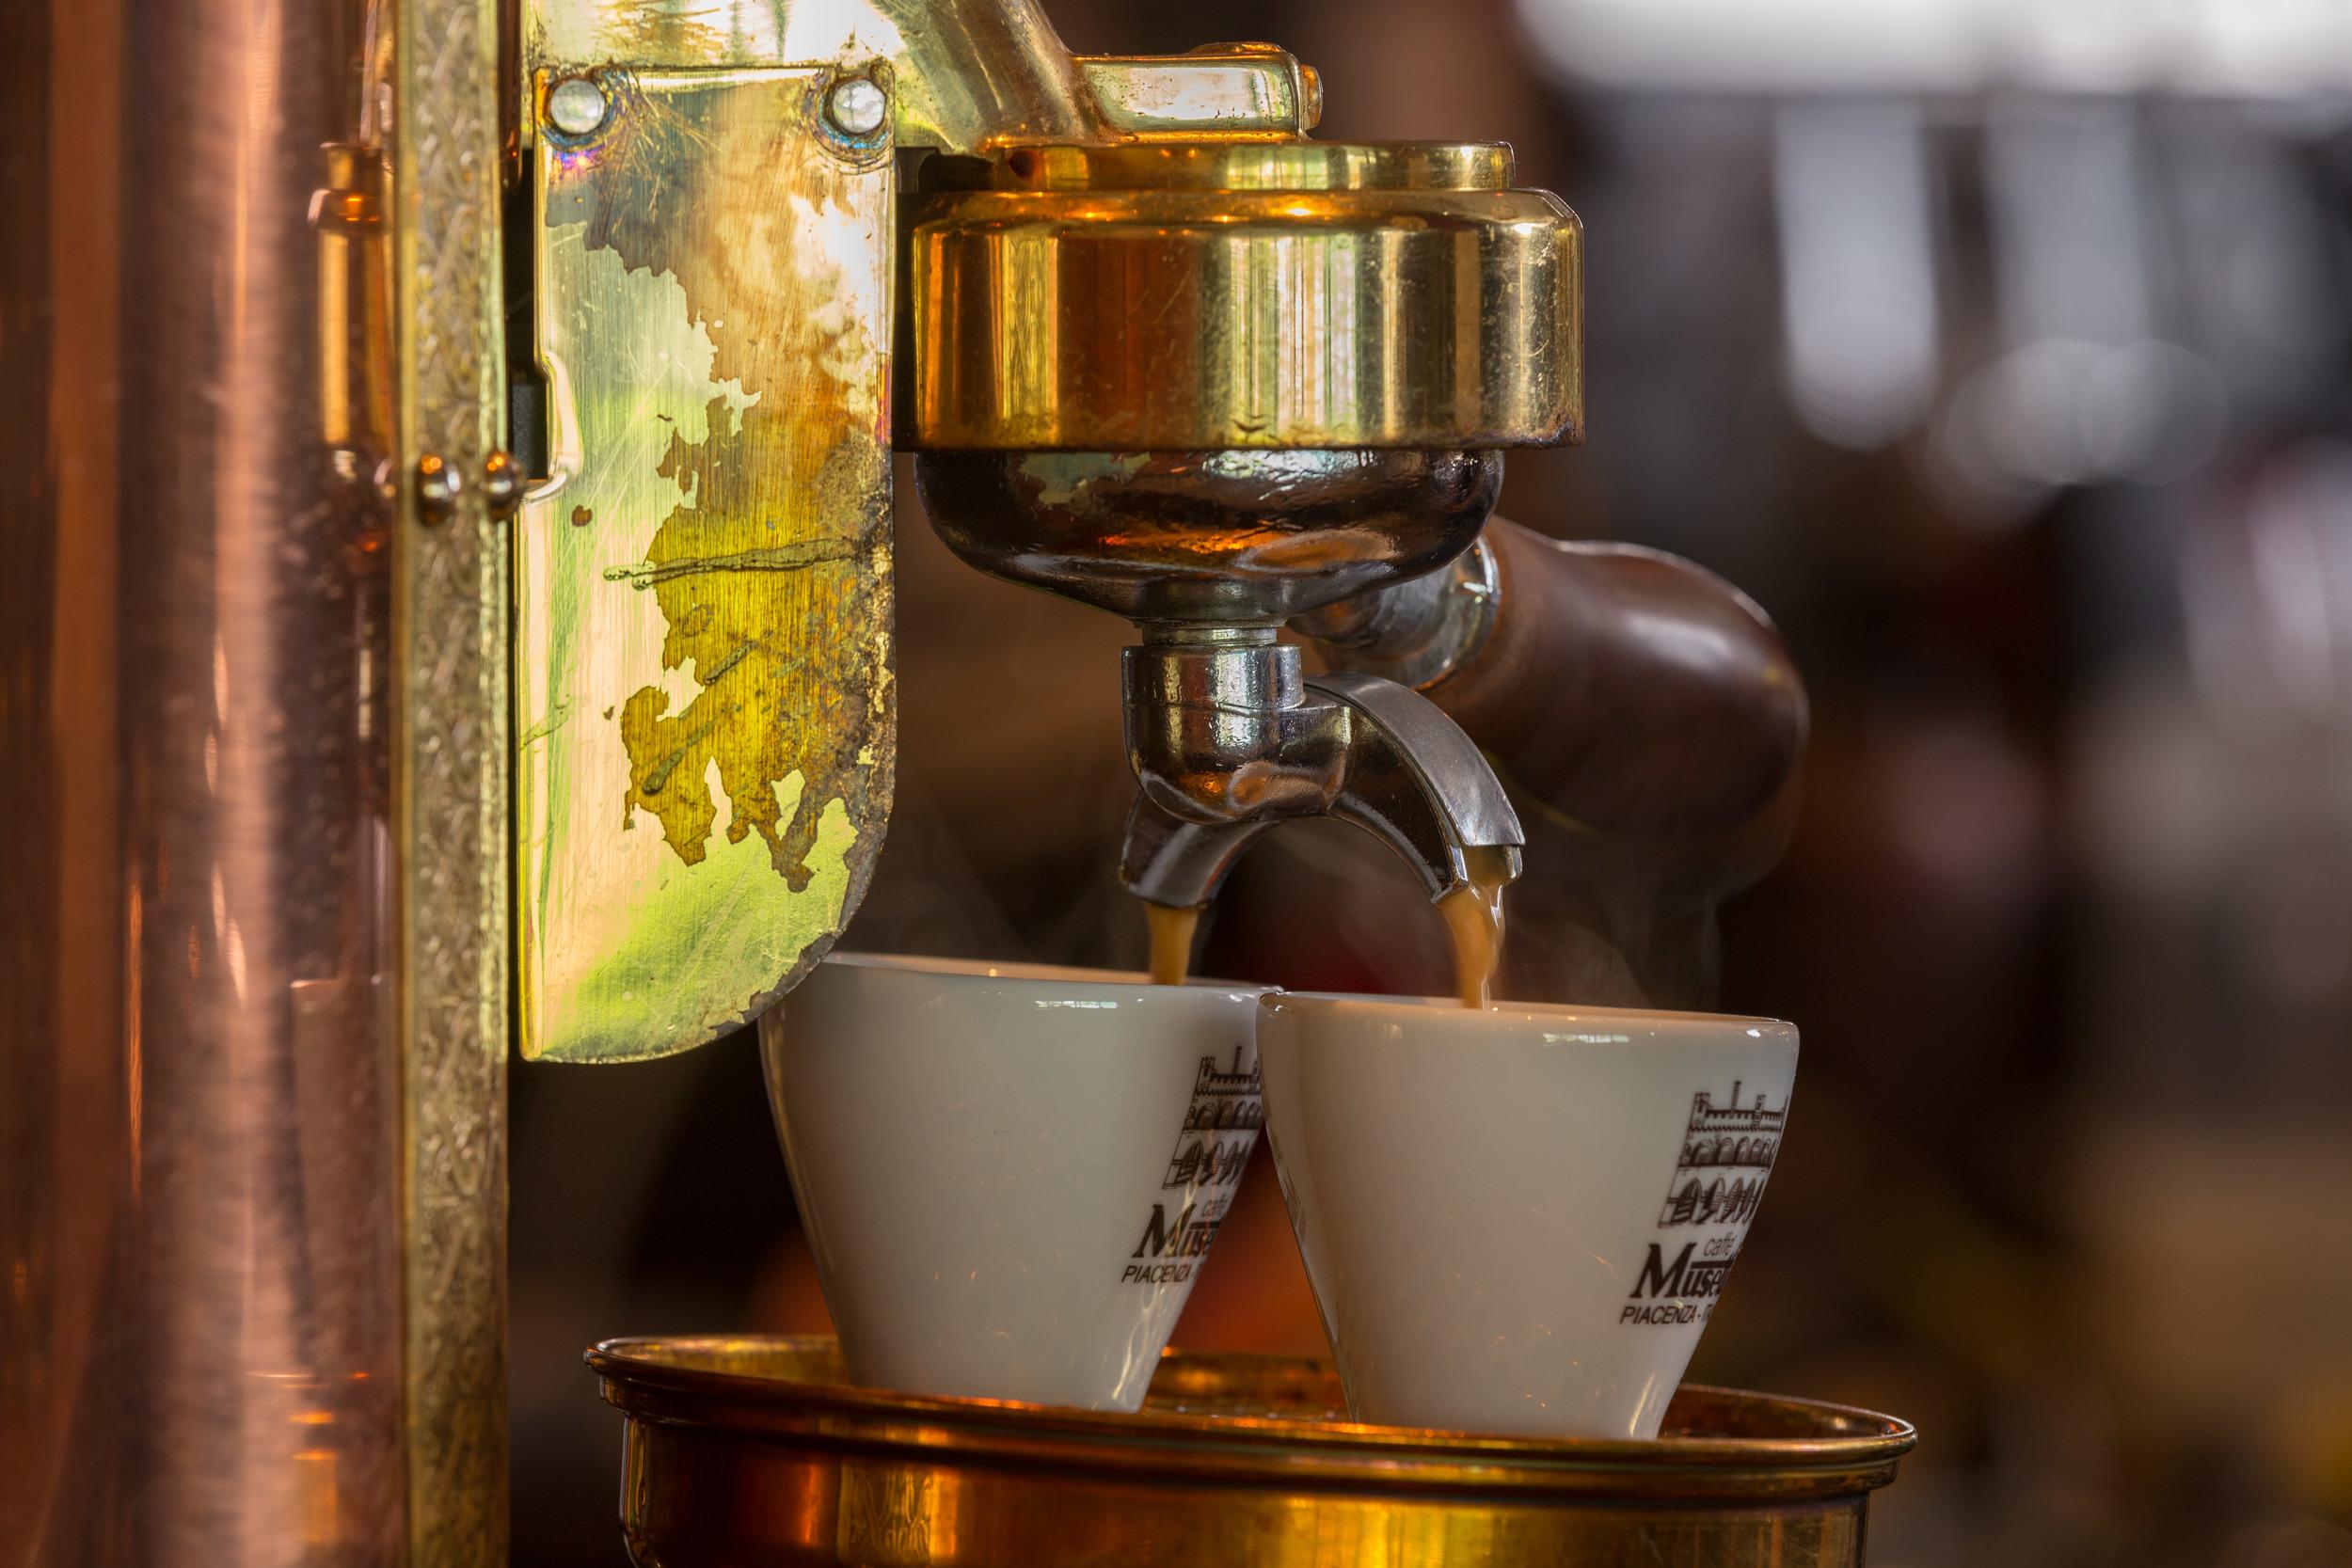 kaffe-bær-og-bar-trondheim-norge